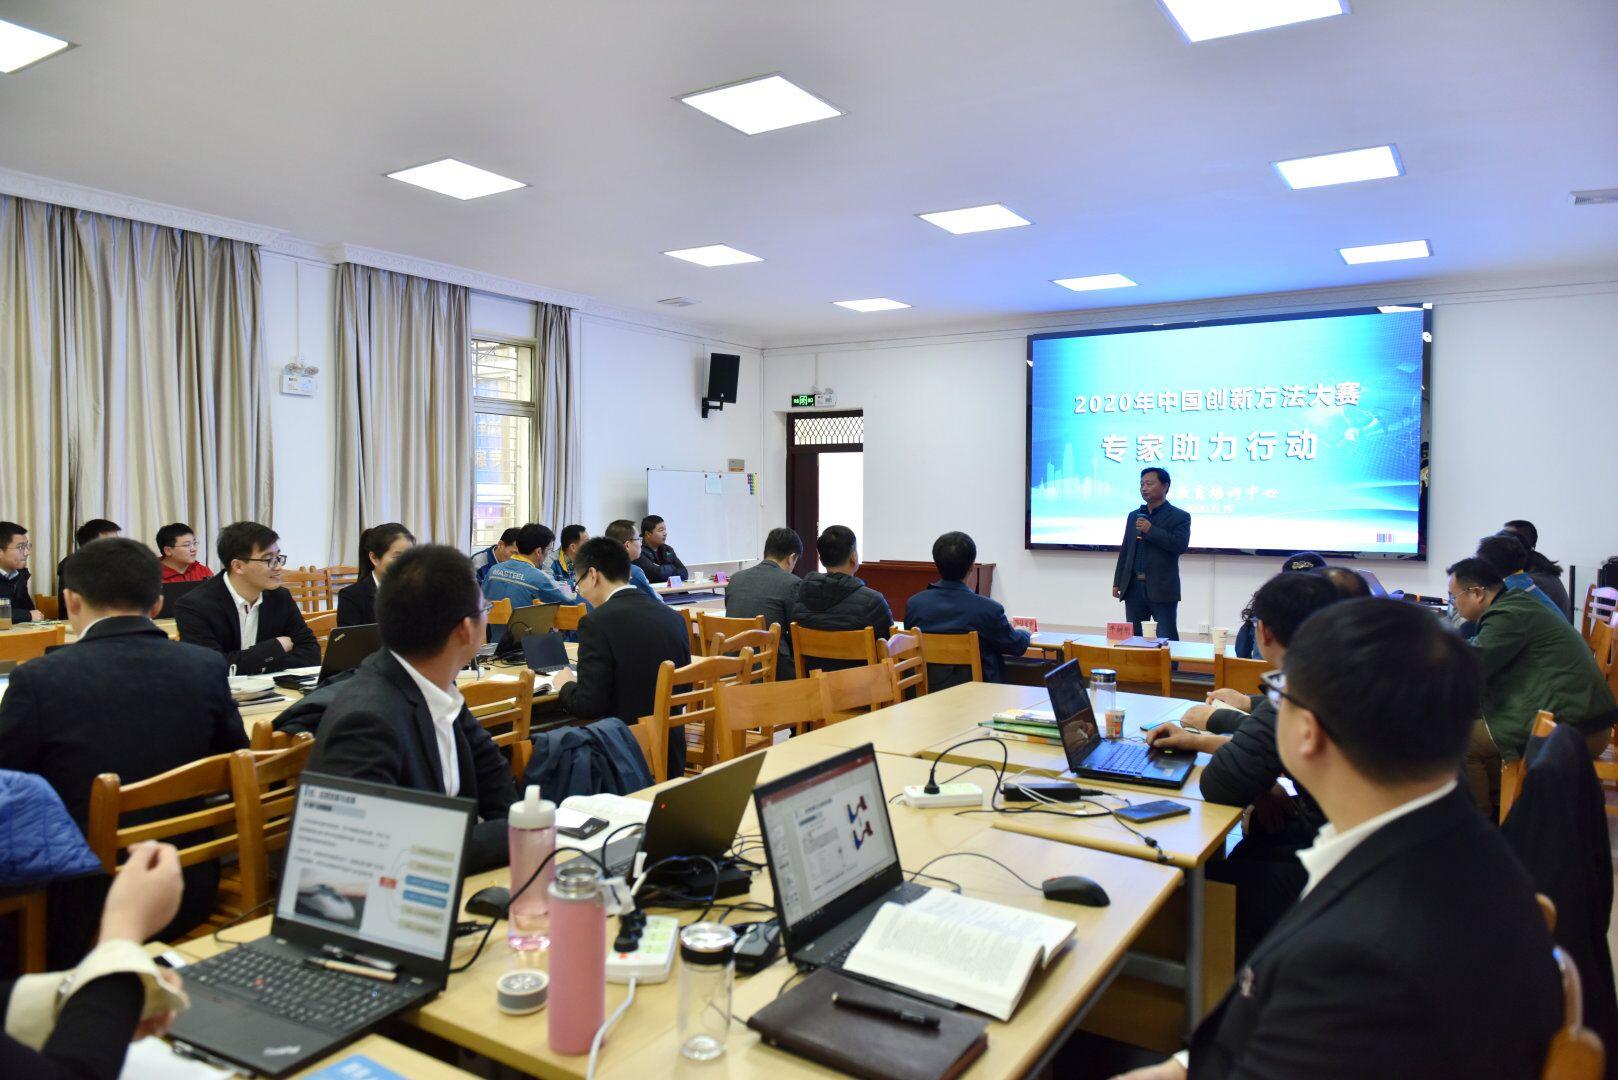 中国创新方法大赛专家助力暨赛前动员会成功举办